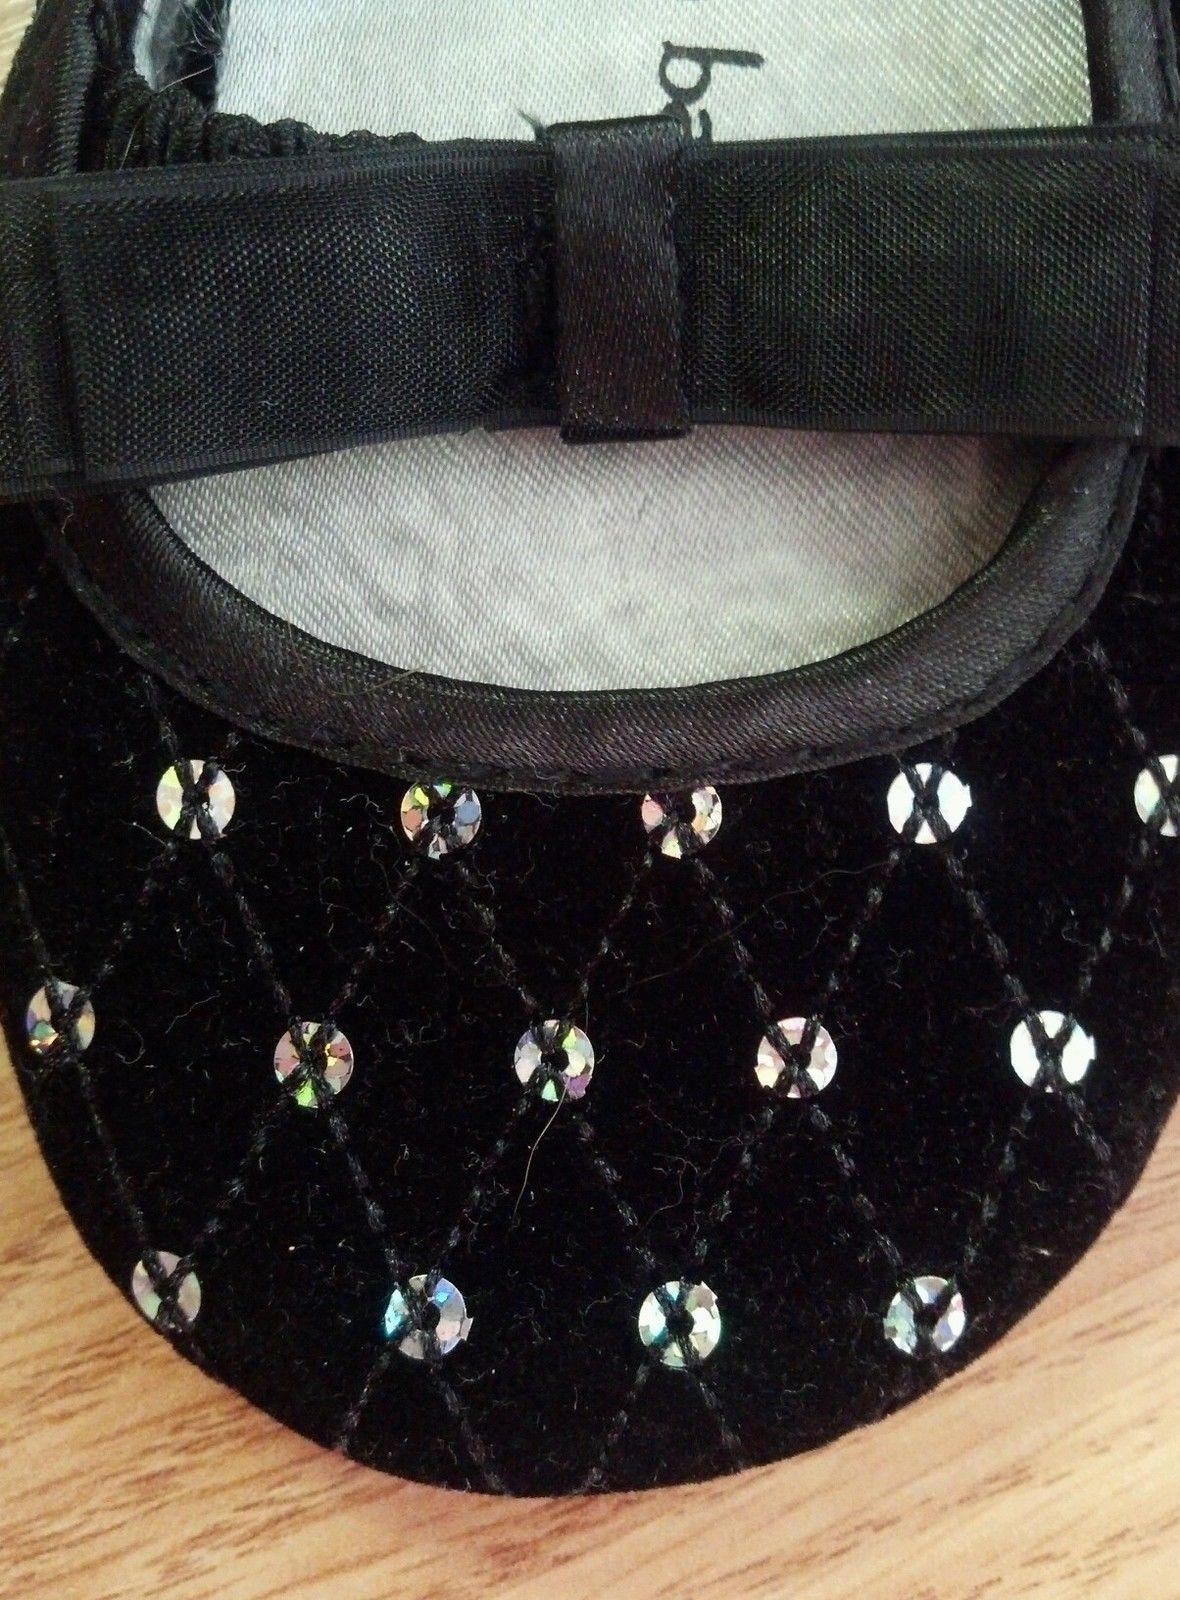 Baby Girl's Size 2 Infant Toddler Dress Shoes Black Velvet W/ Sequins Koala Baby